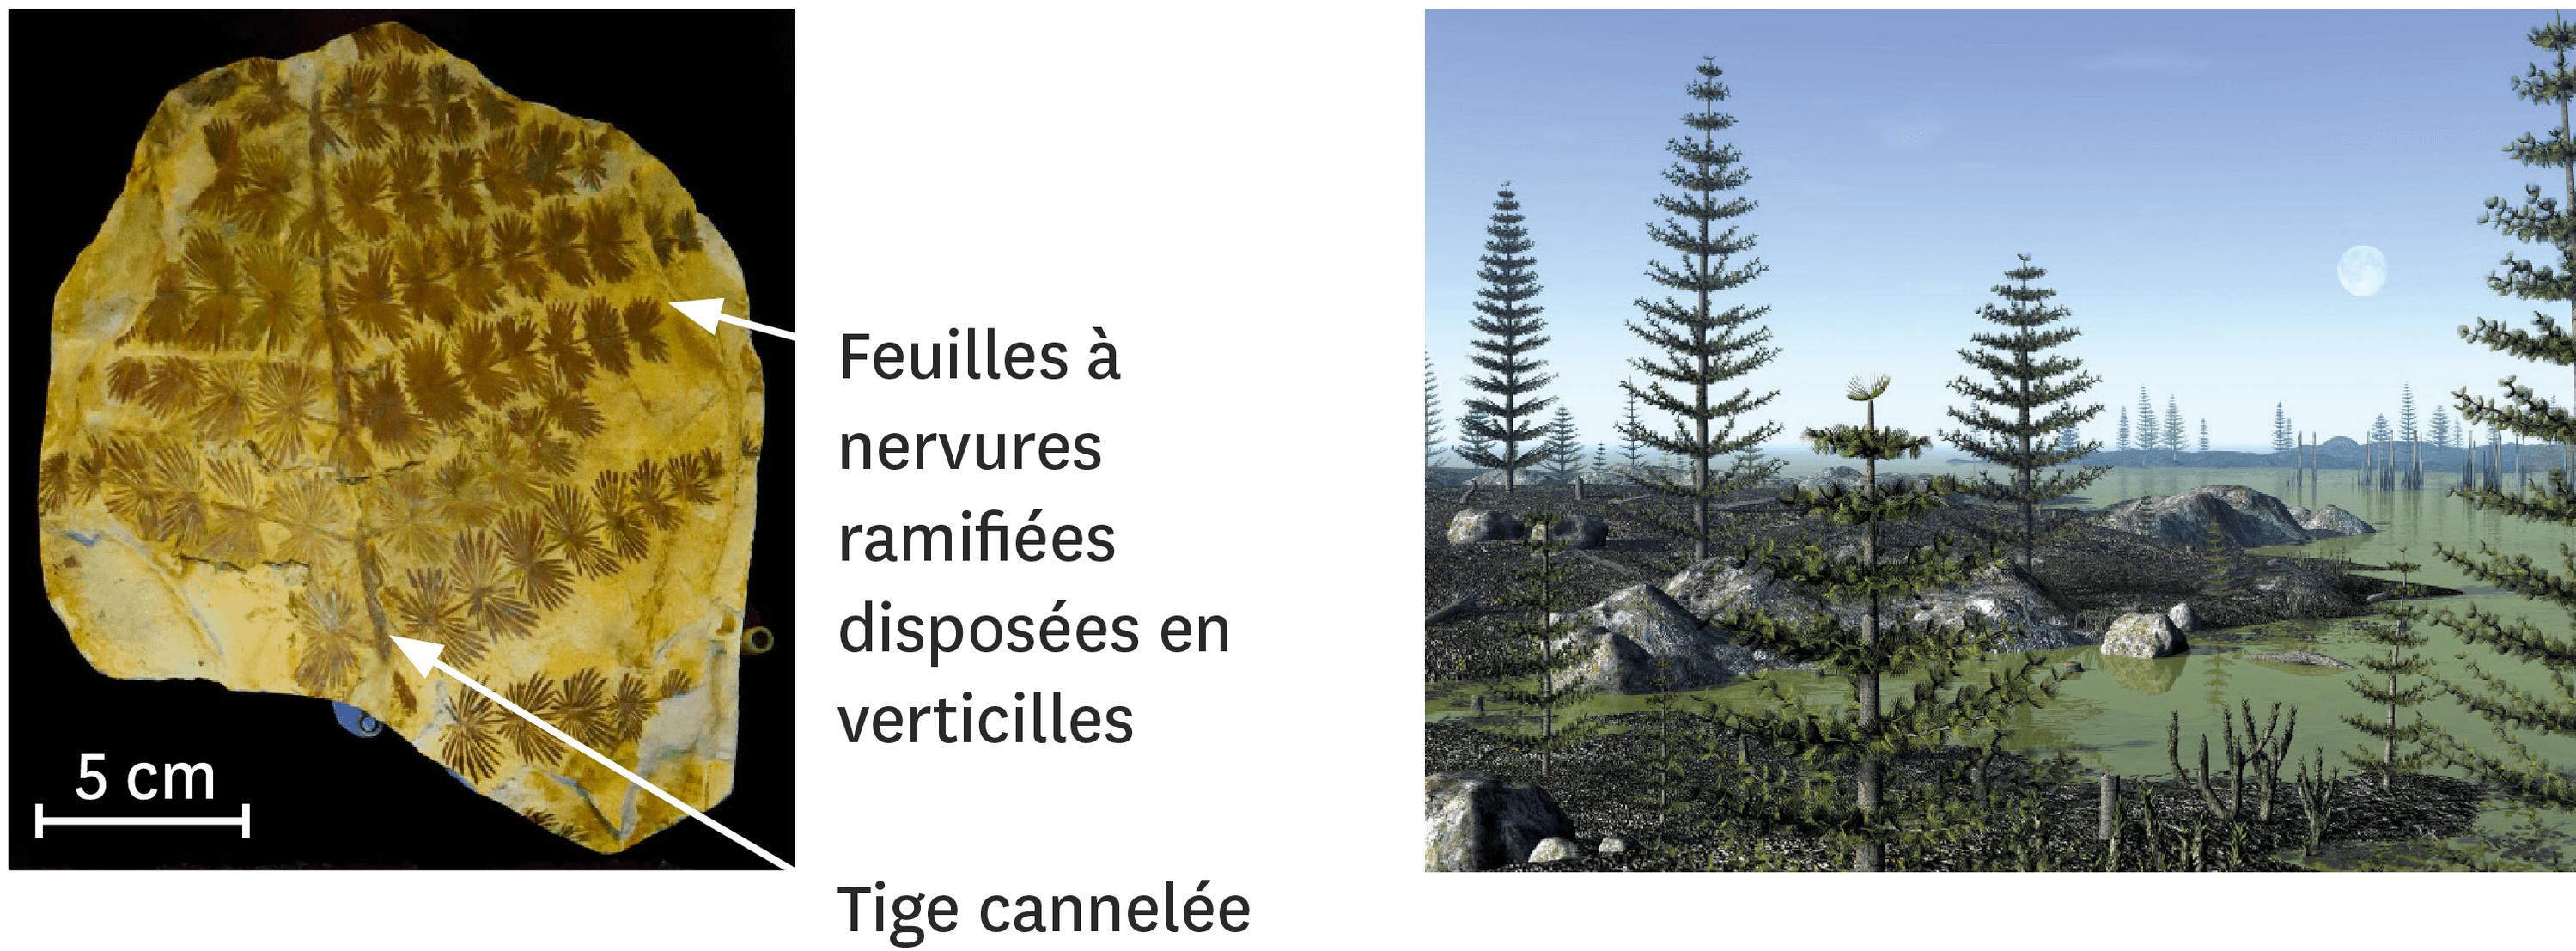 Un fossile de Calamites et une reconstitution artistique d'une forêt de Calamites.